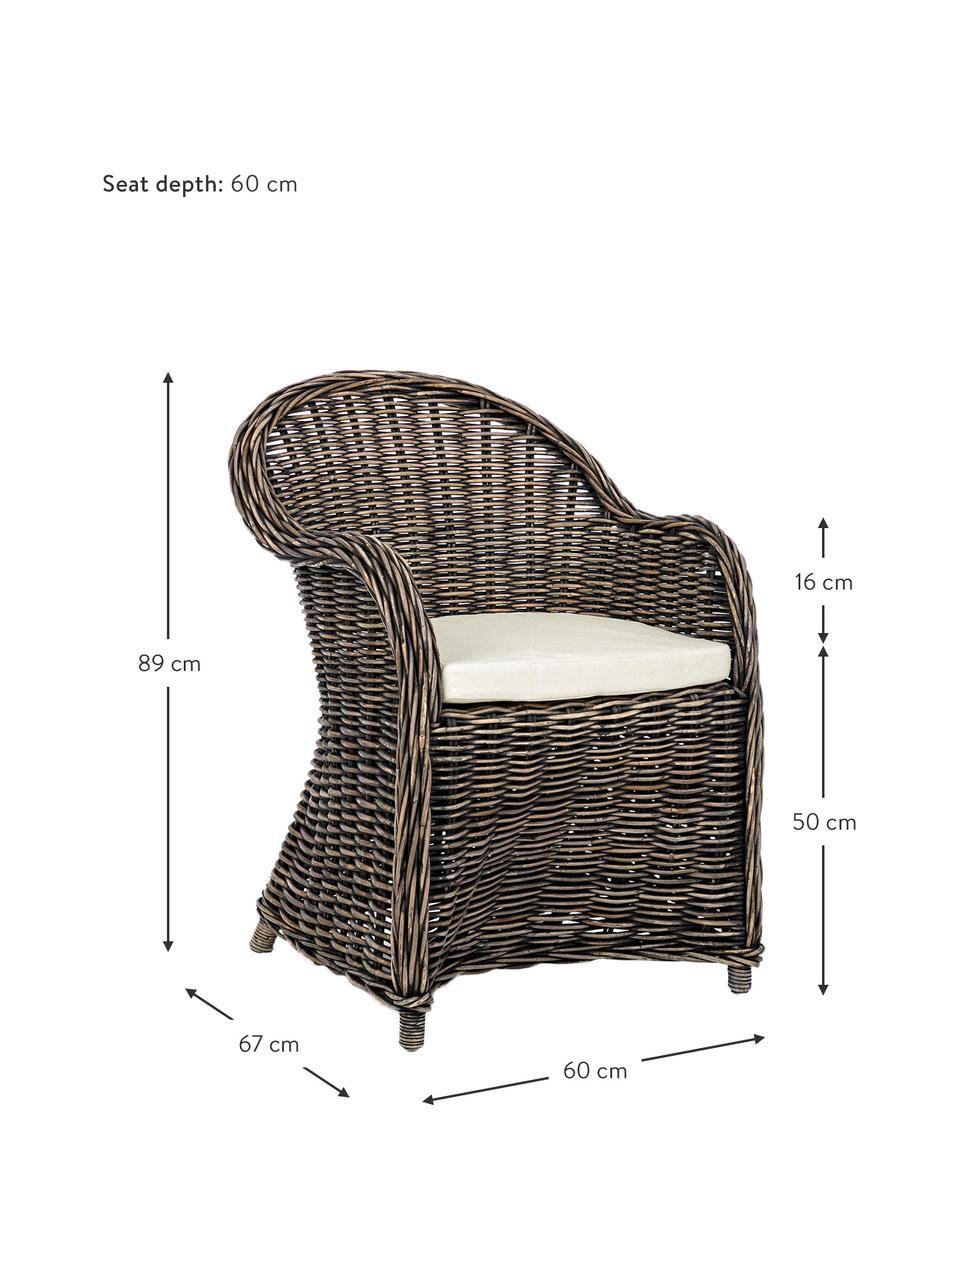 Fotel z podłokietnikami z rattanu z poduszką siedziska Martin, Tapicerka: bawełna, Rattan, czarny, biały, S 60 x G 67 cm